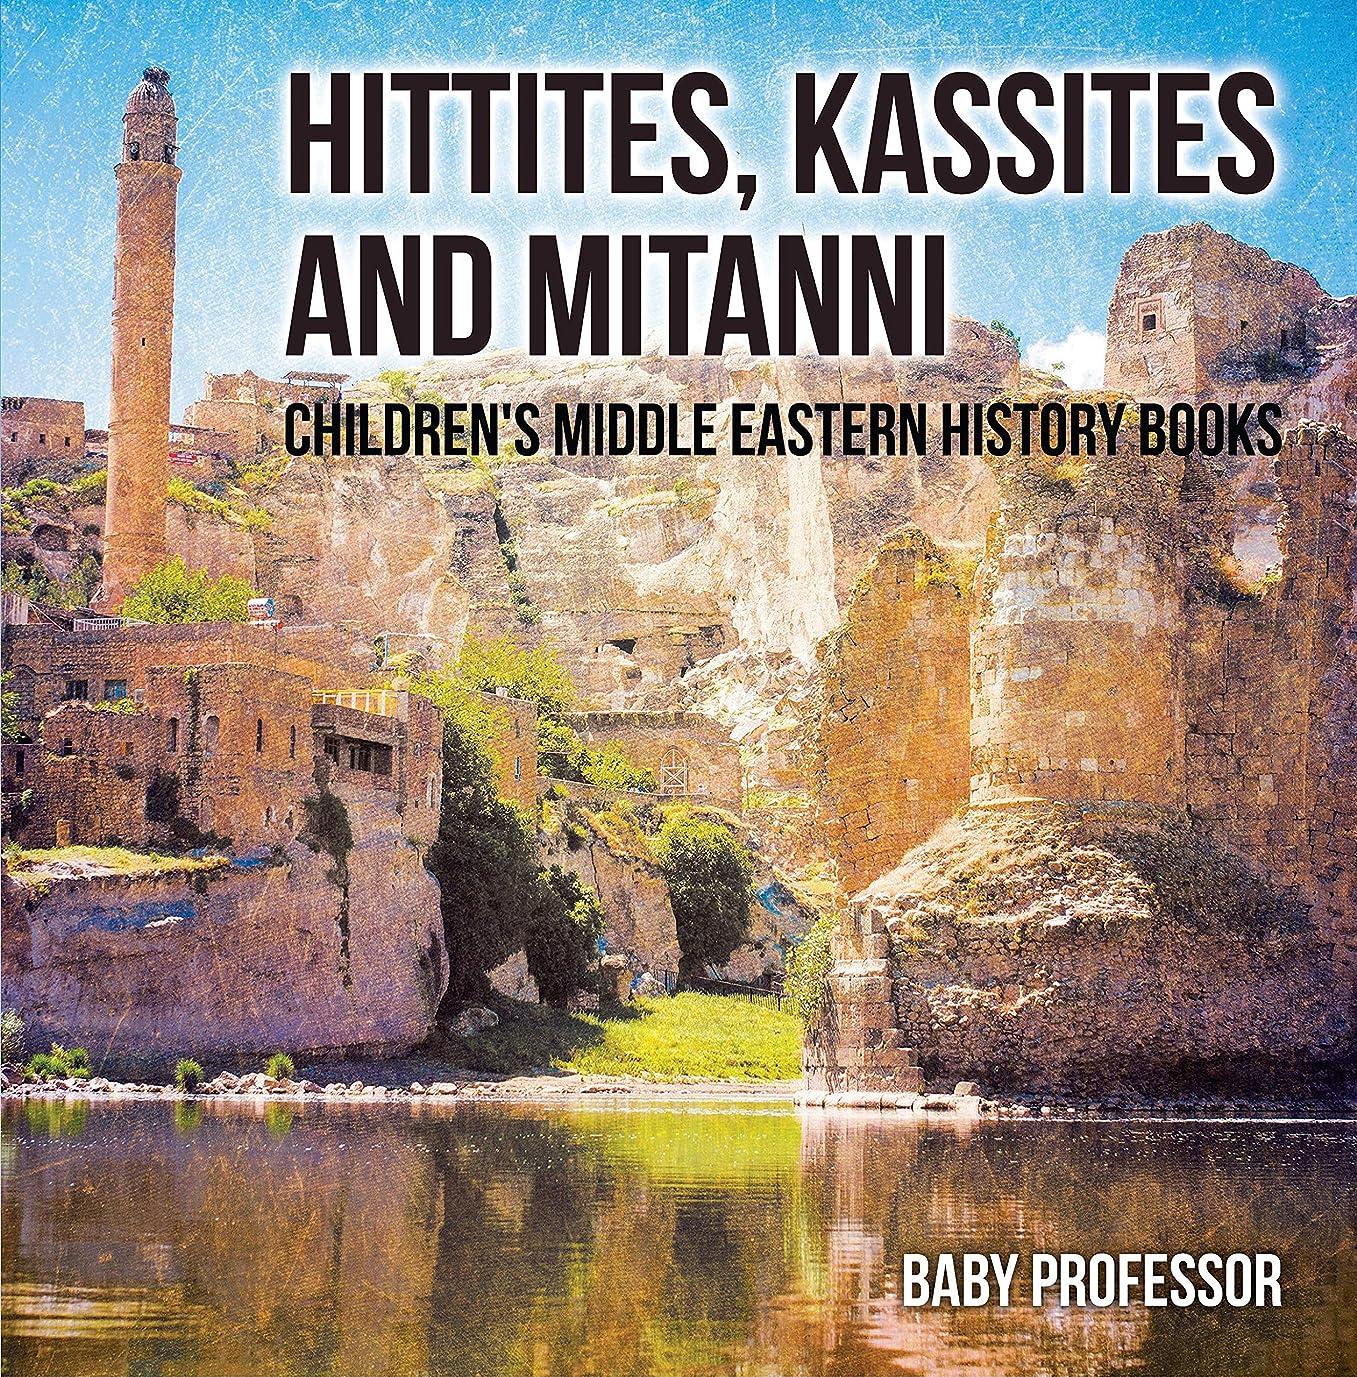 アルカイックファウル地球Hittites, Kassites and Mitanni | Children's Middle Eastern History Books (English Edition)